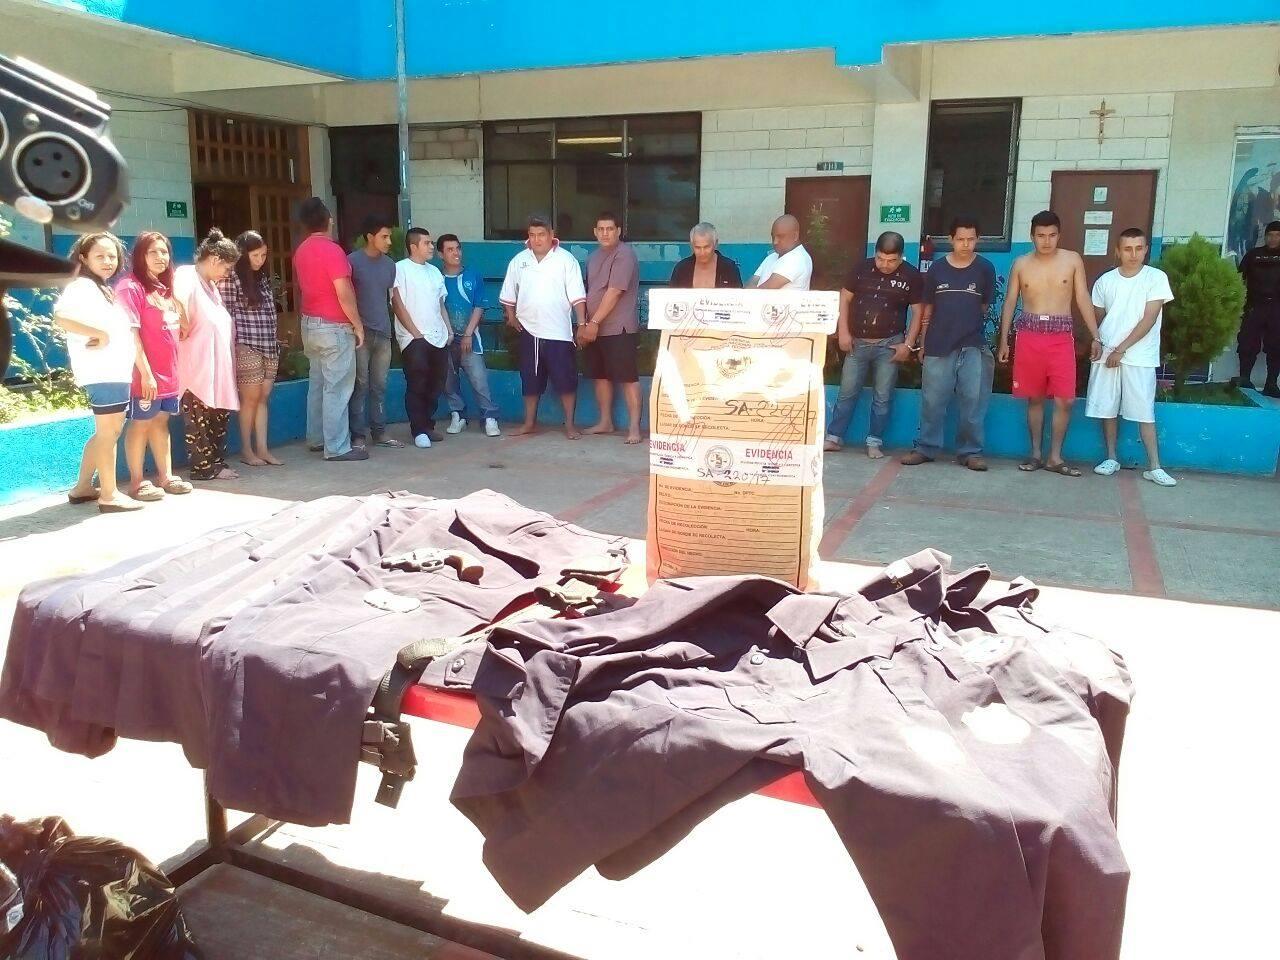 Capturan a fiscal con 18 uniformes policiales en cantón Comecayo